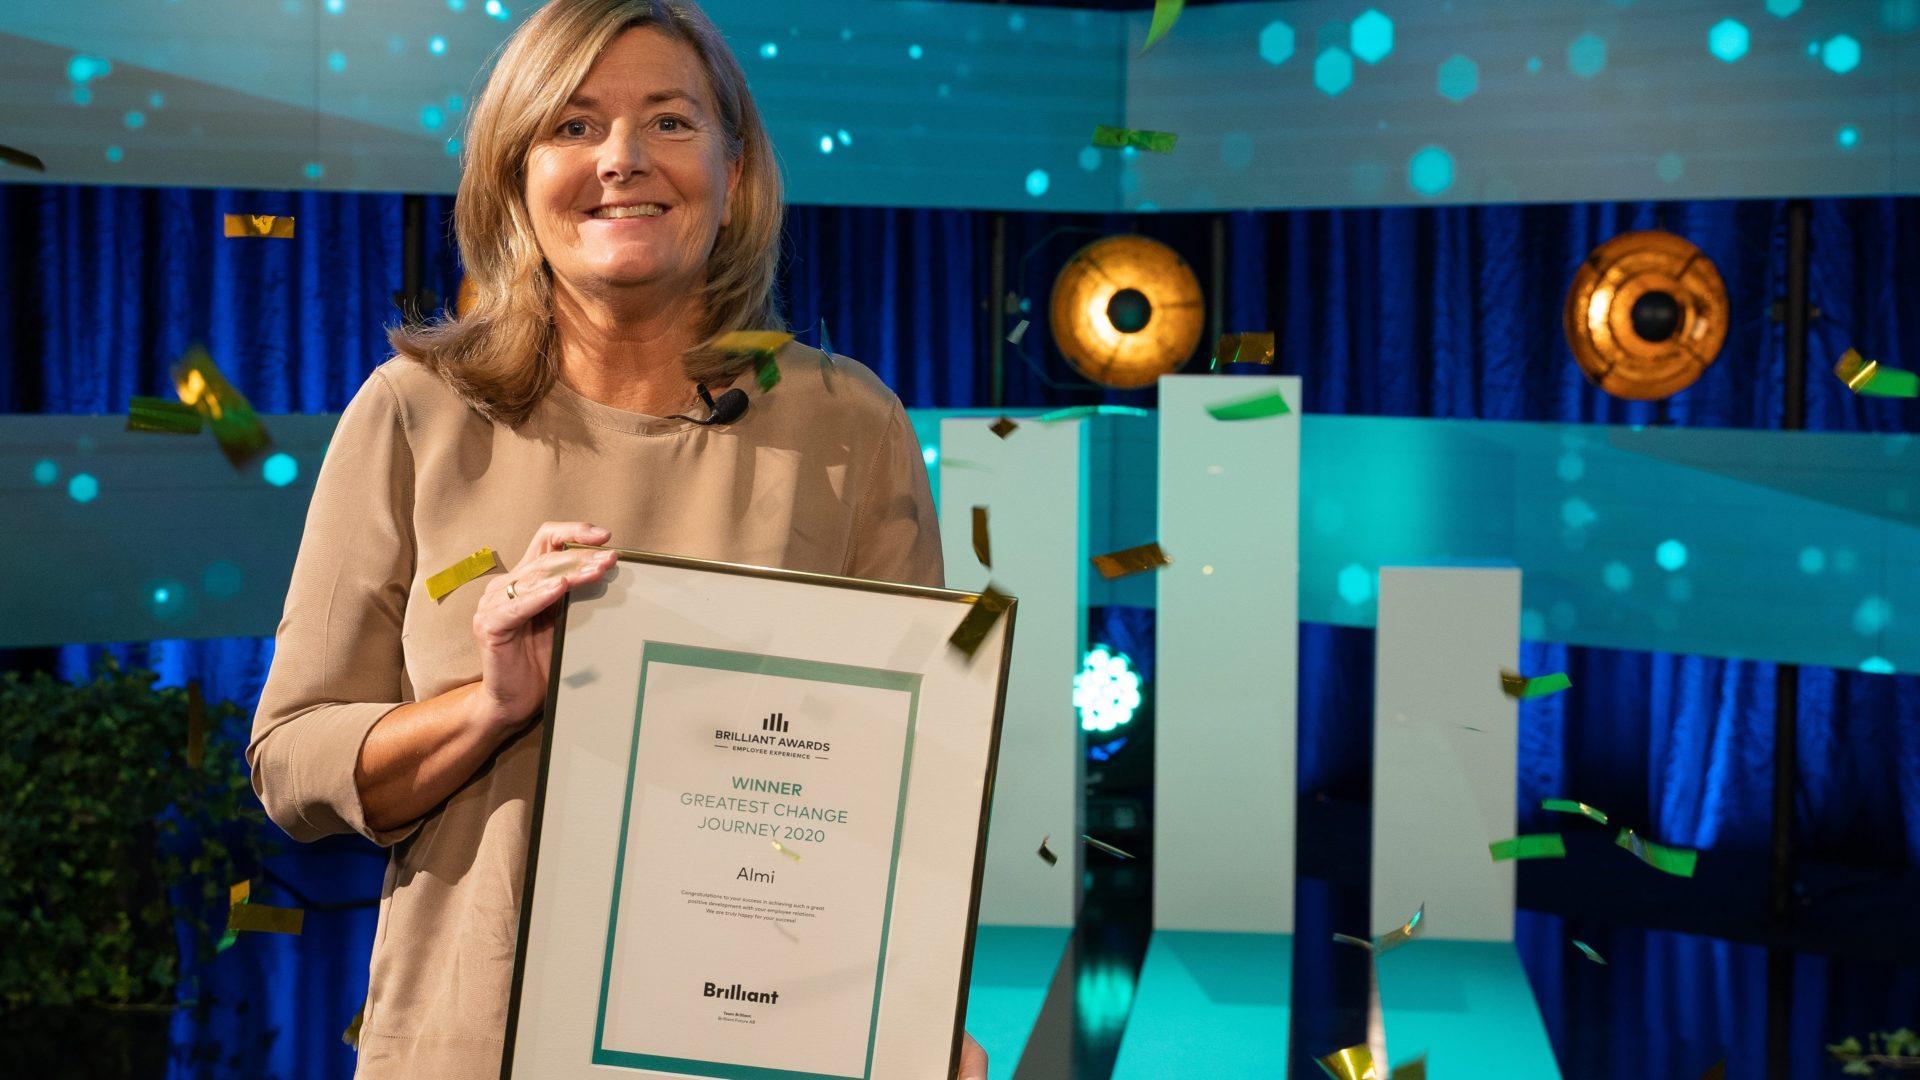 Eva Ottne, HR-direktör, tar emot Almis pris för arbetet med att öka engagemanget.